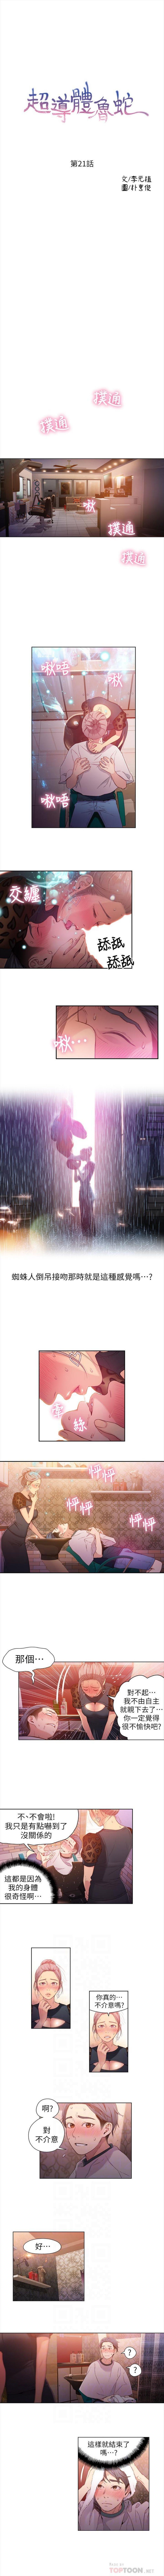 超導體魯蛇 1-41 官方中文(連載中) 86